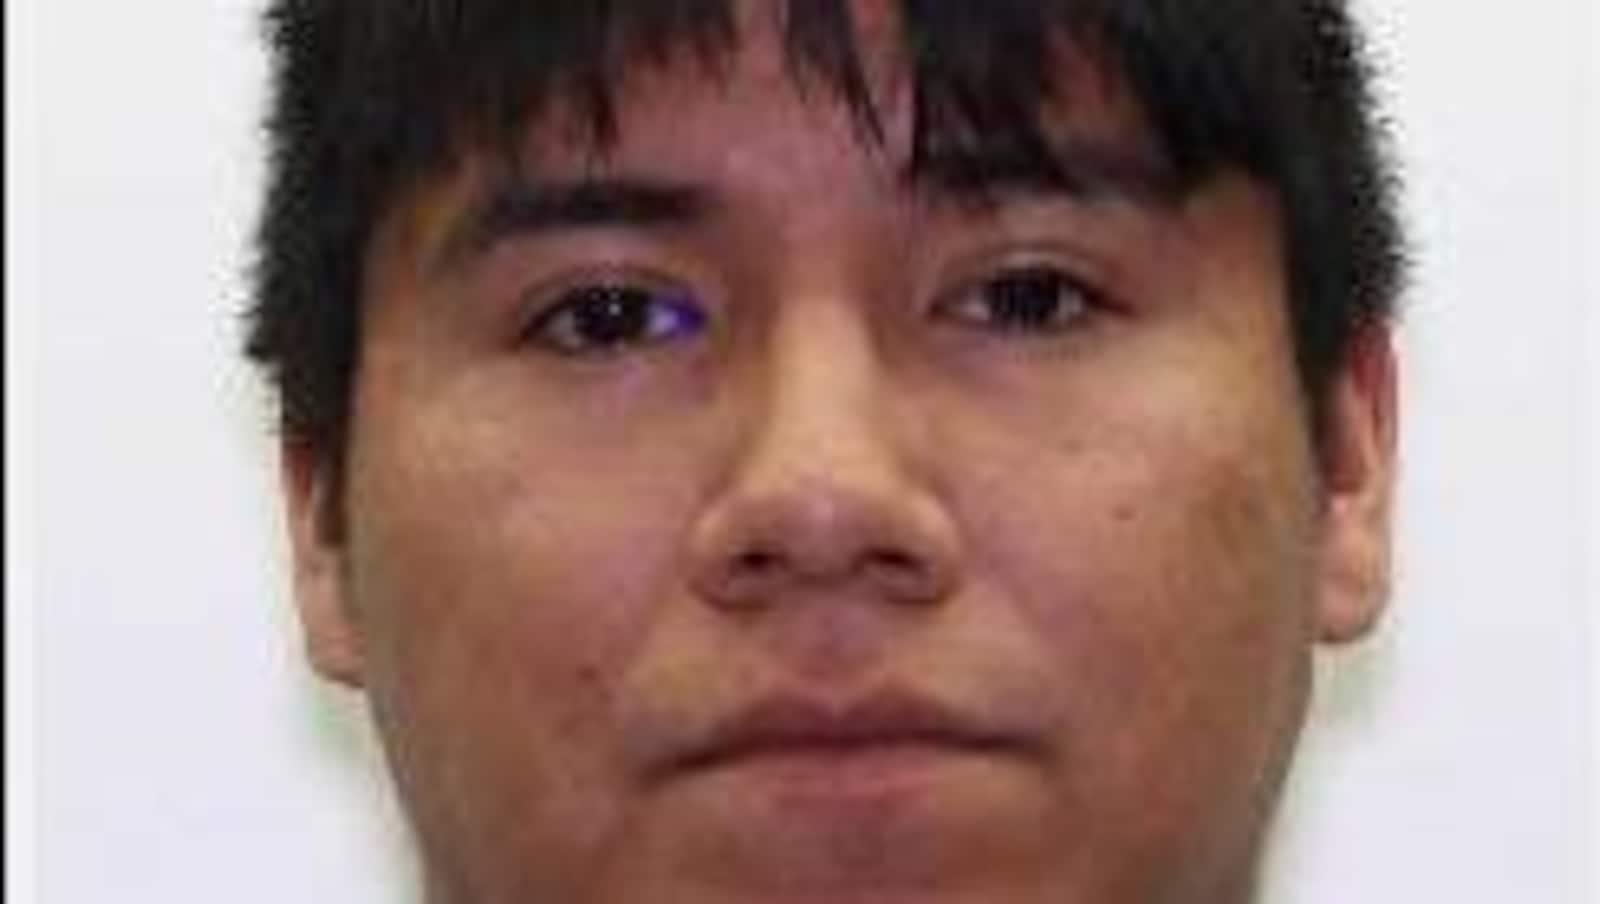 La PPO demande l'aide du public pour localiser Darrell Tuesday, porté disparu à Rainy River